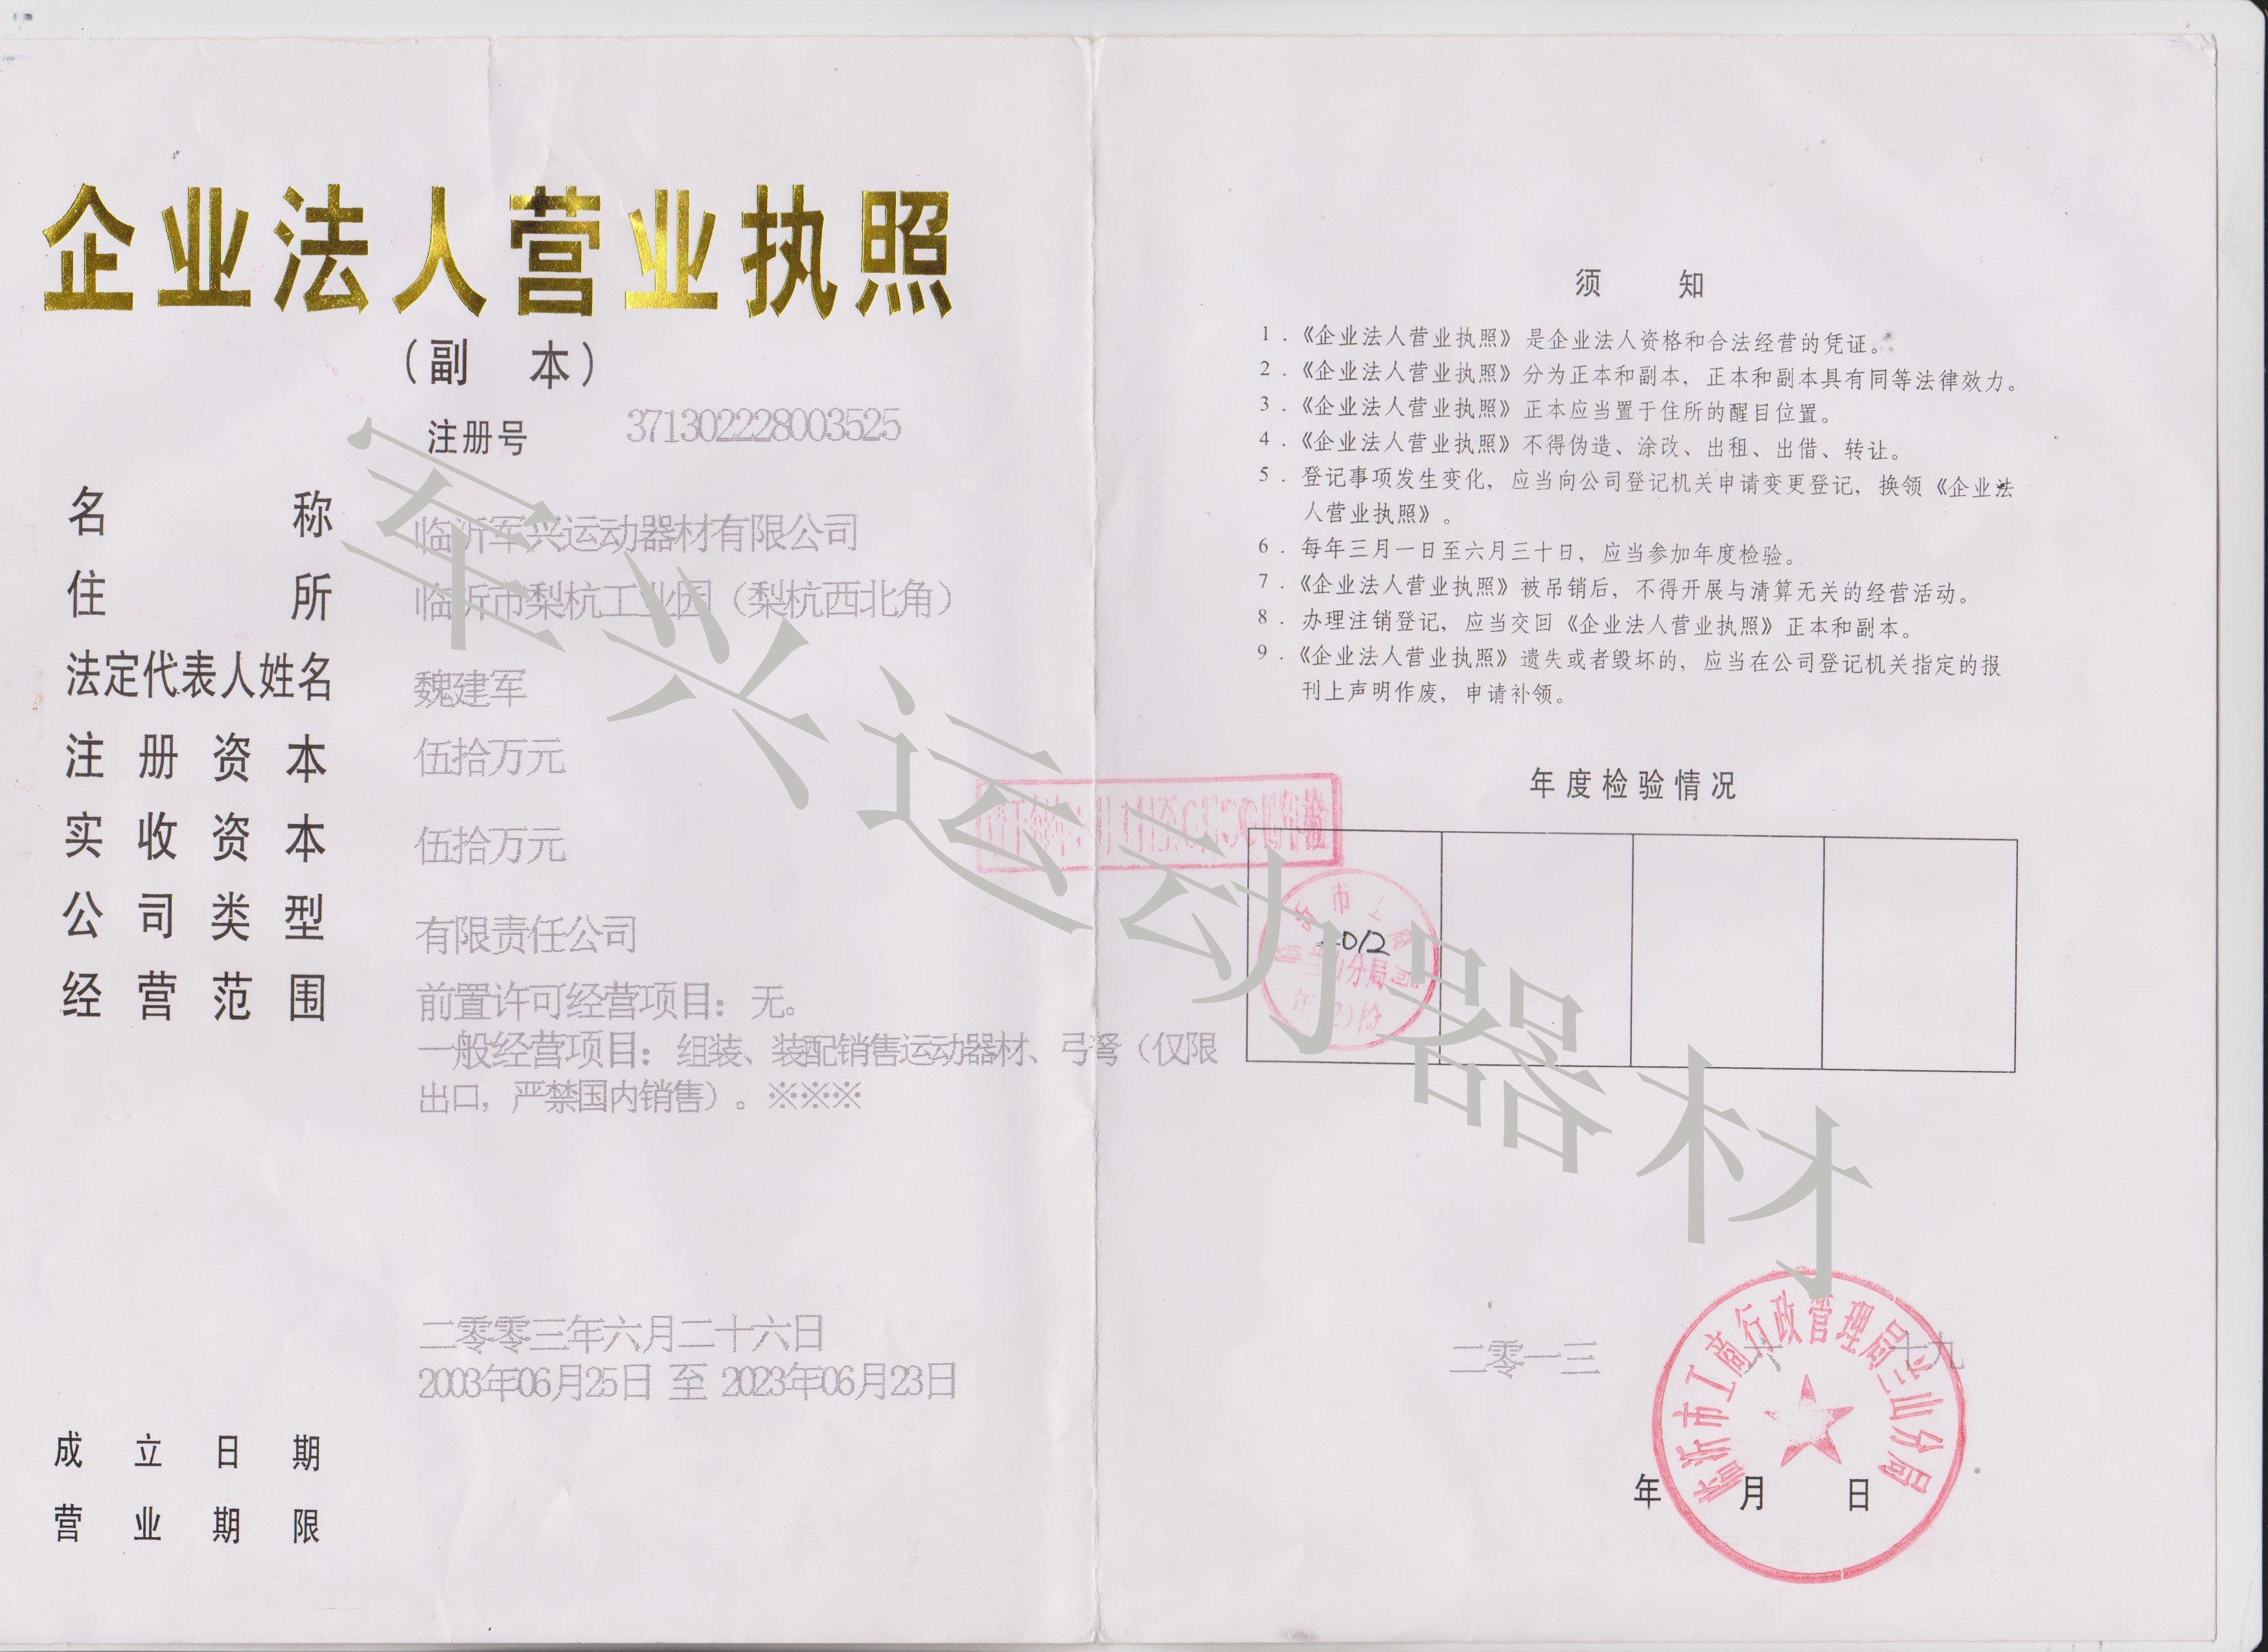 军兴弓箭专卖许可-营业执照